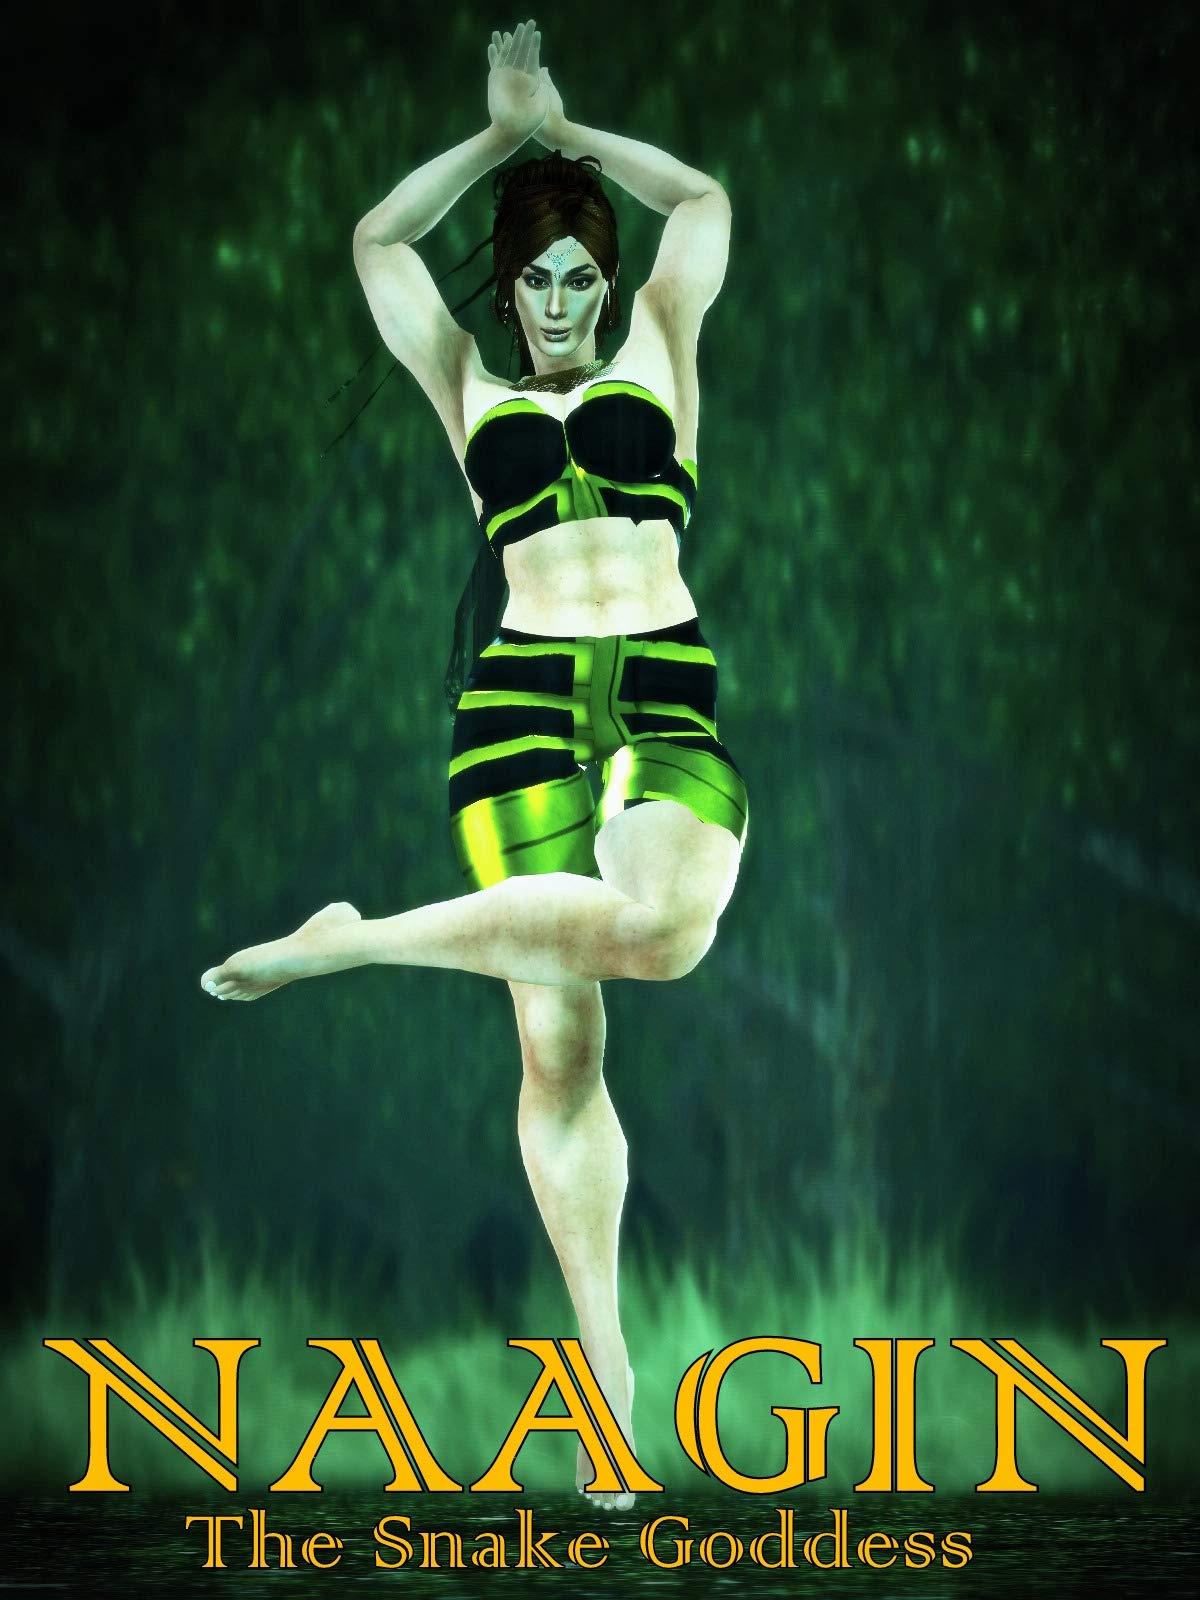 Naagin The Snake Goddess